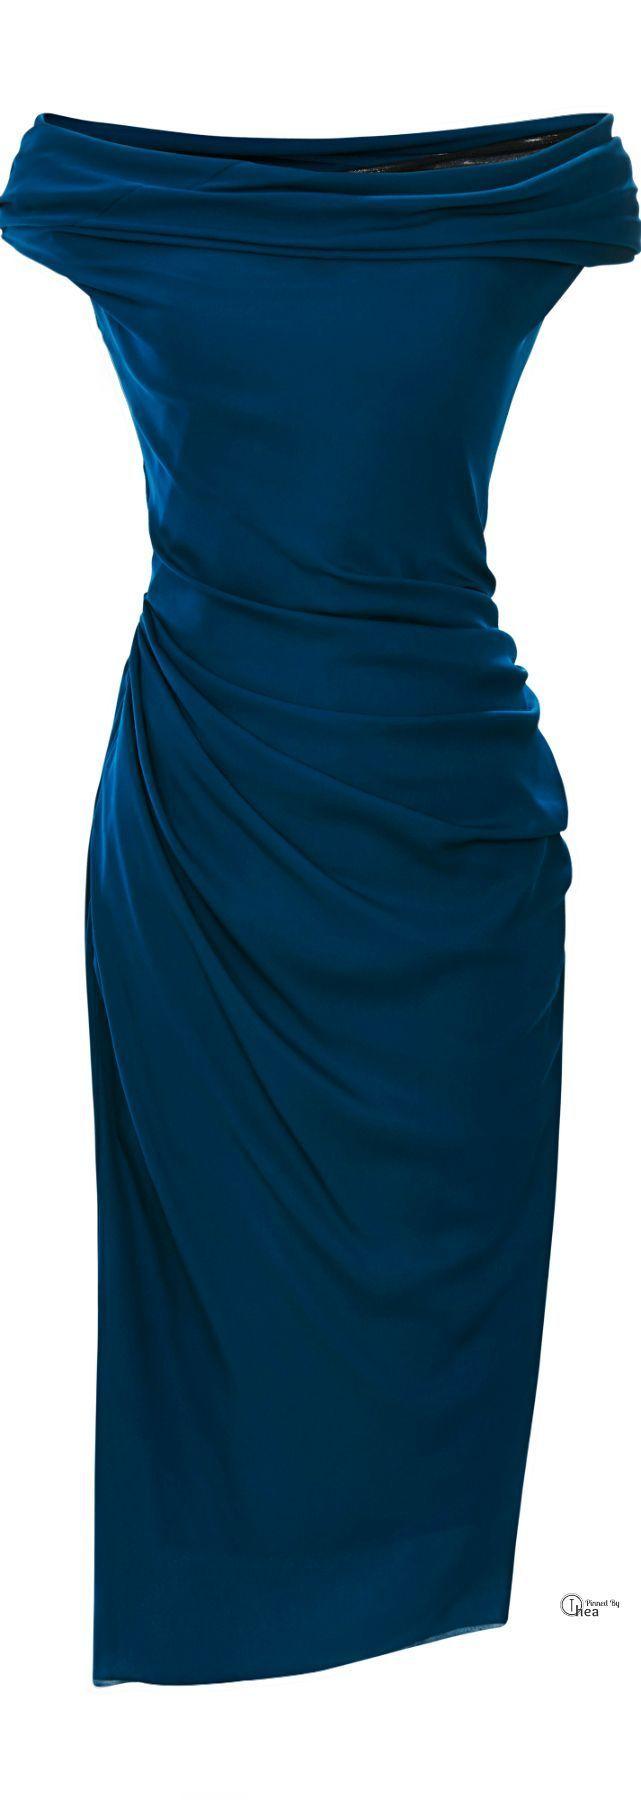 Blue off the shoulder dress dress pinterest shoulder dress